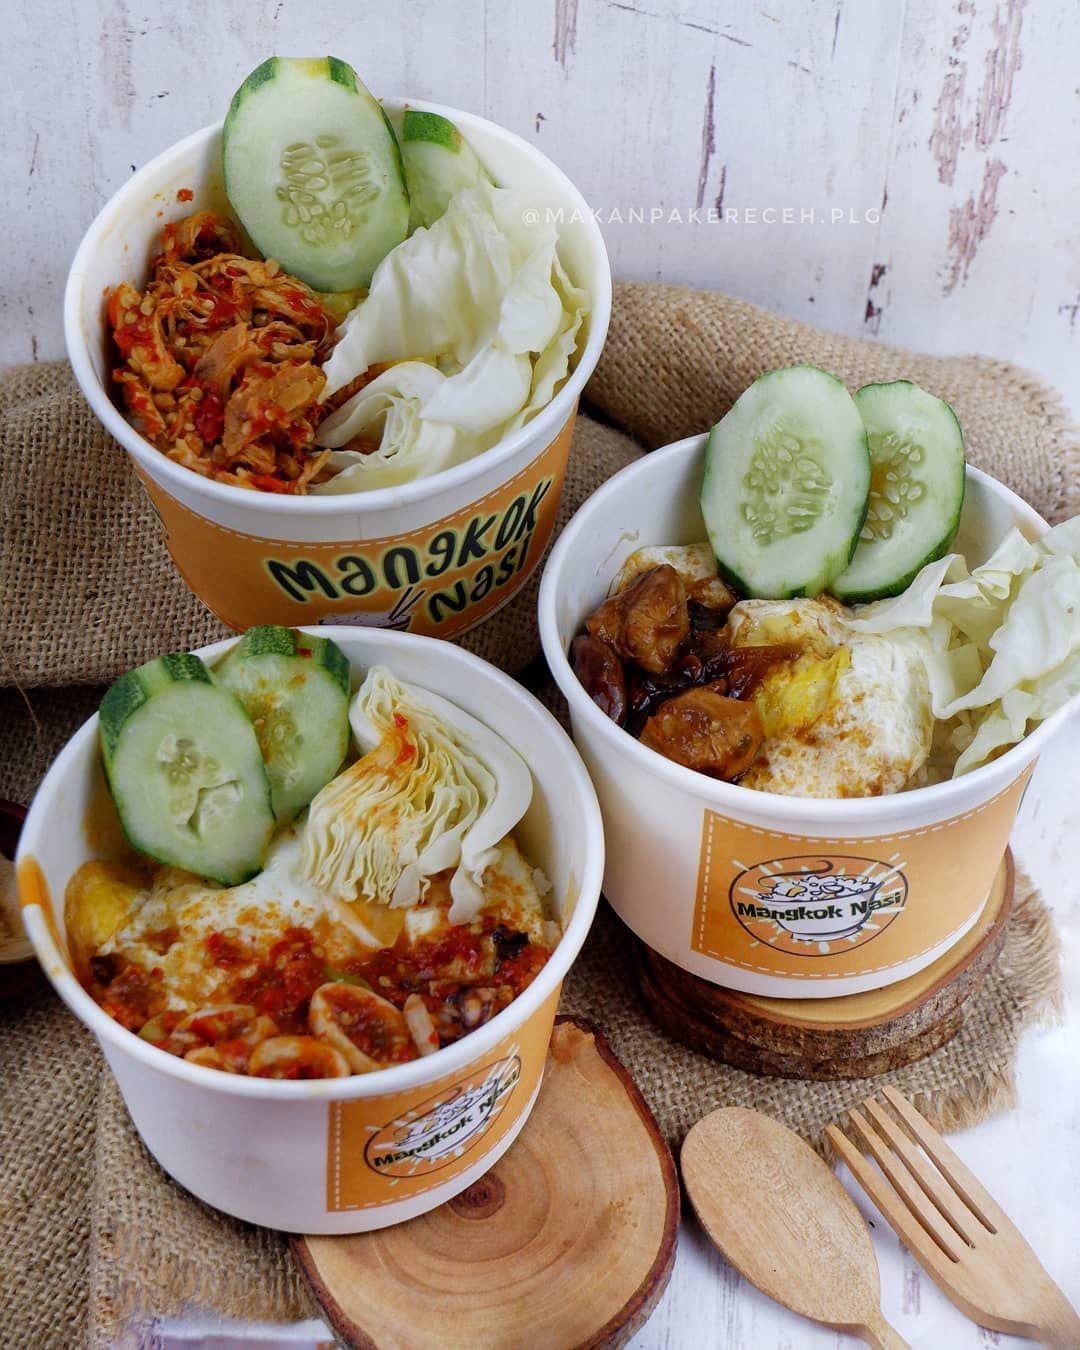 Ricebowl Terbaru Dari Mangkok Nasi Makanan Resep Makanan Sehat Resep Masakan Indonesia